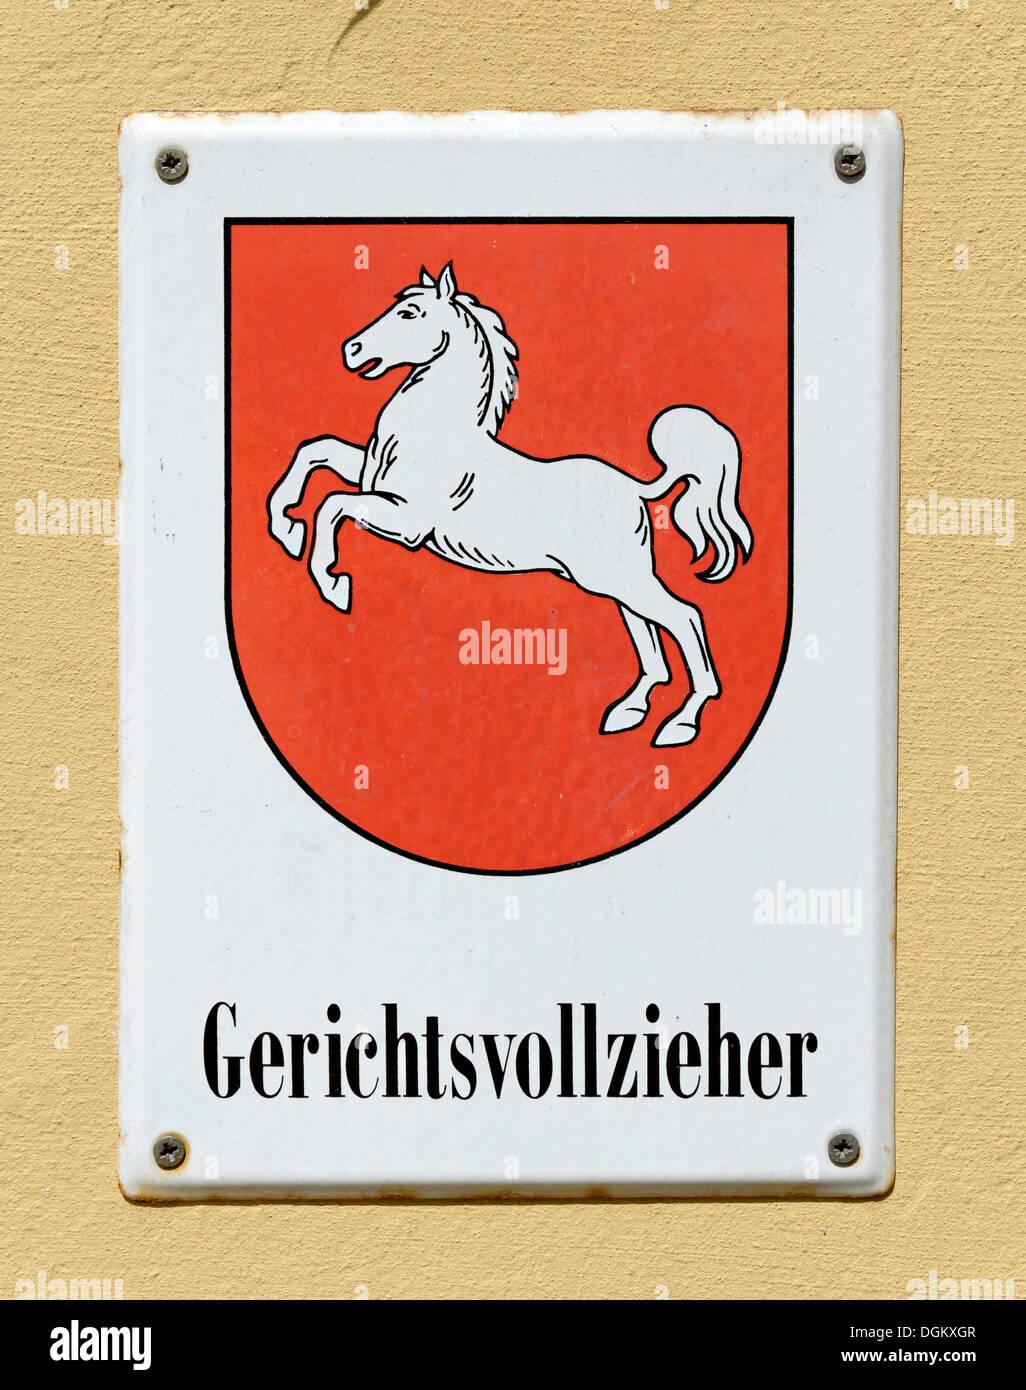 Zeichen, DGVB Niedersachsen, Gerichtsvollzieher Niedersachsen, Winsen eine der Luhe, Niedersachsen, Deutschland Stockbild